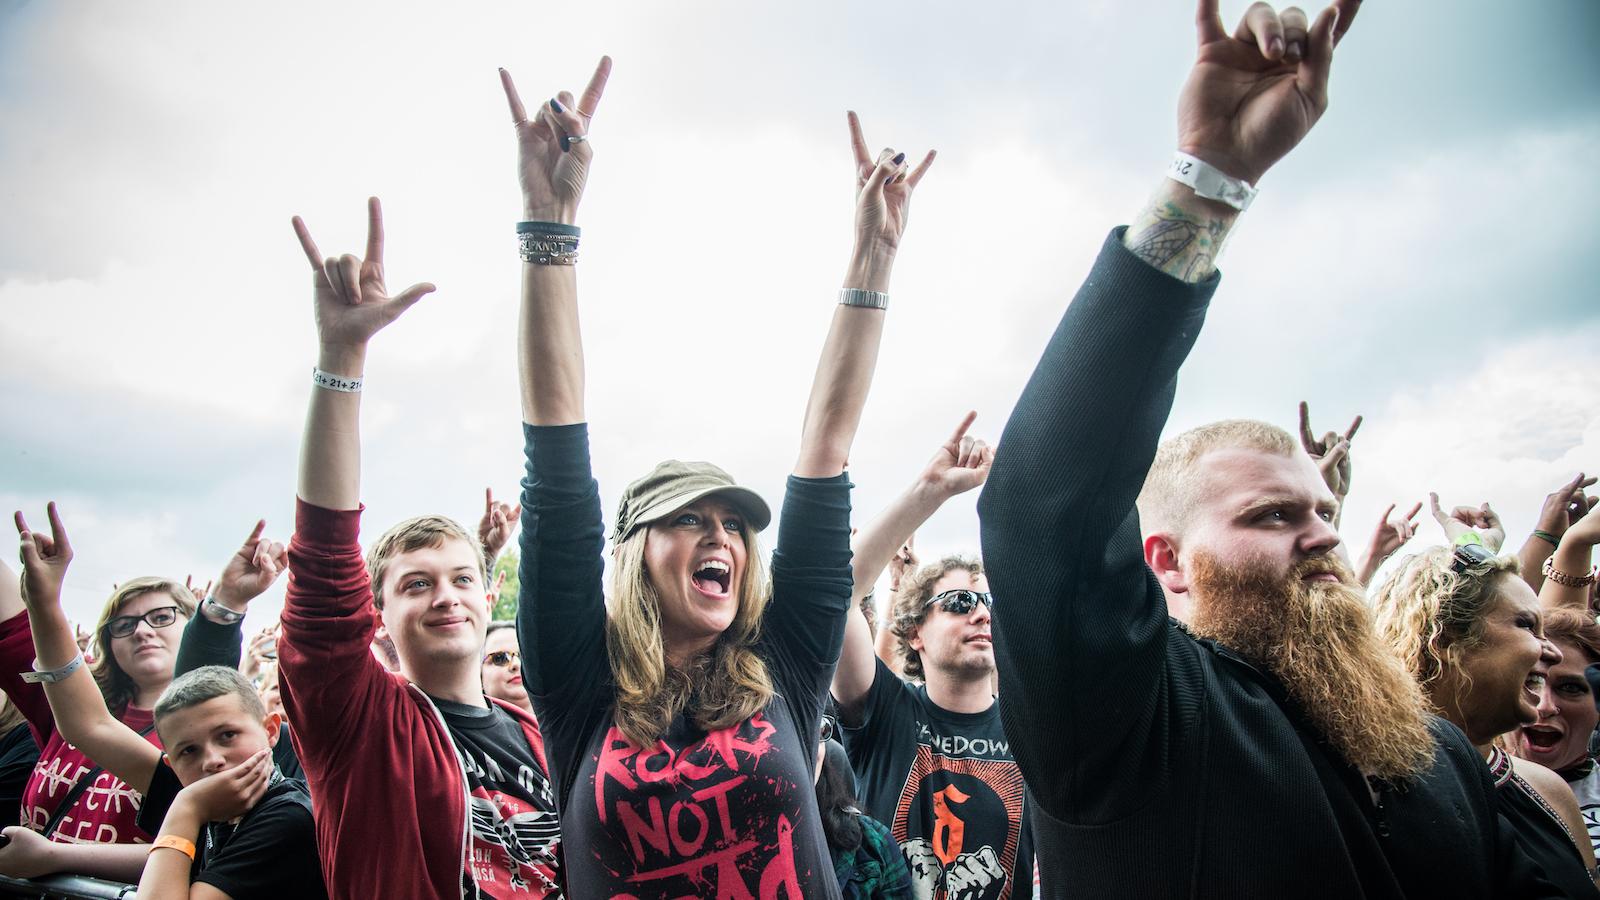 rock heavy metal hands